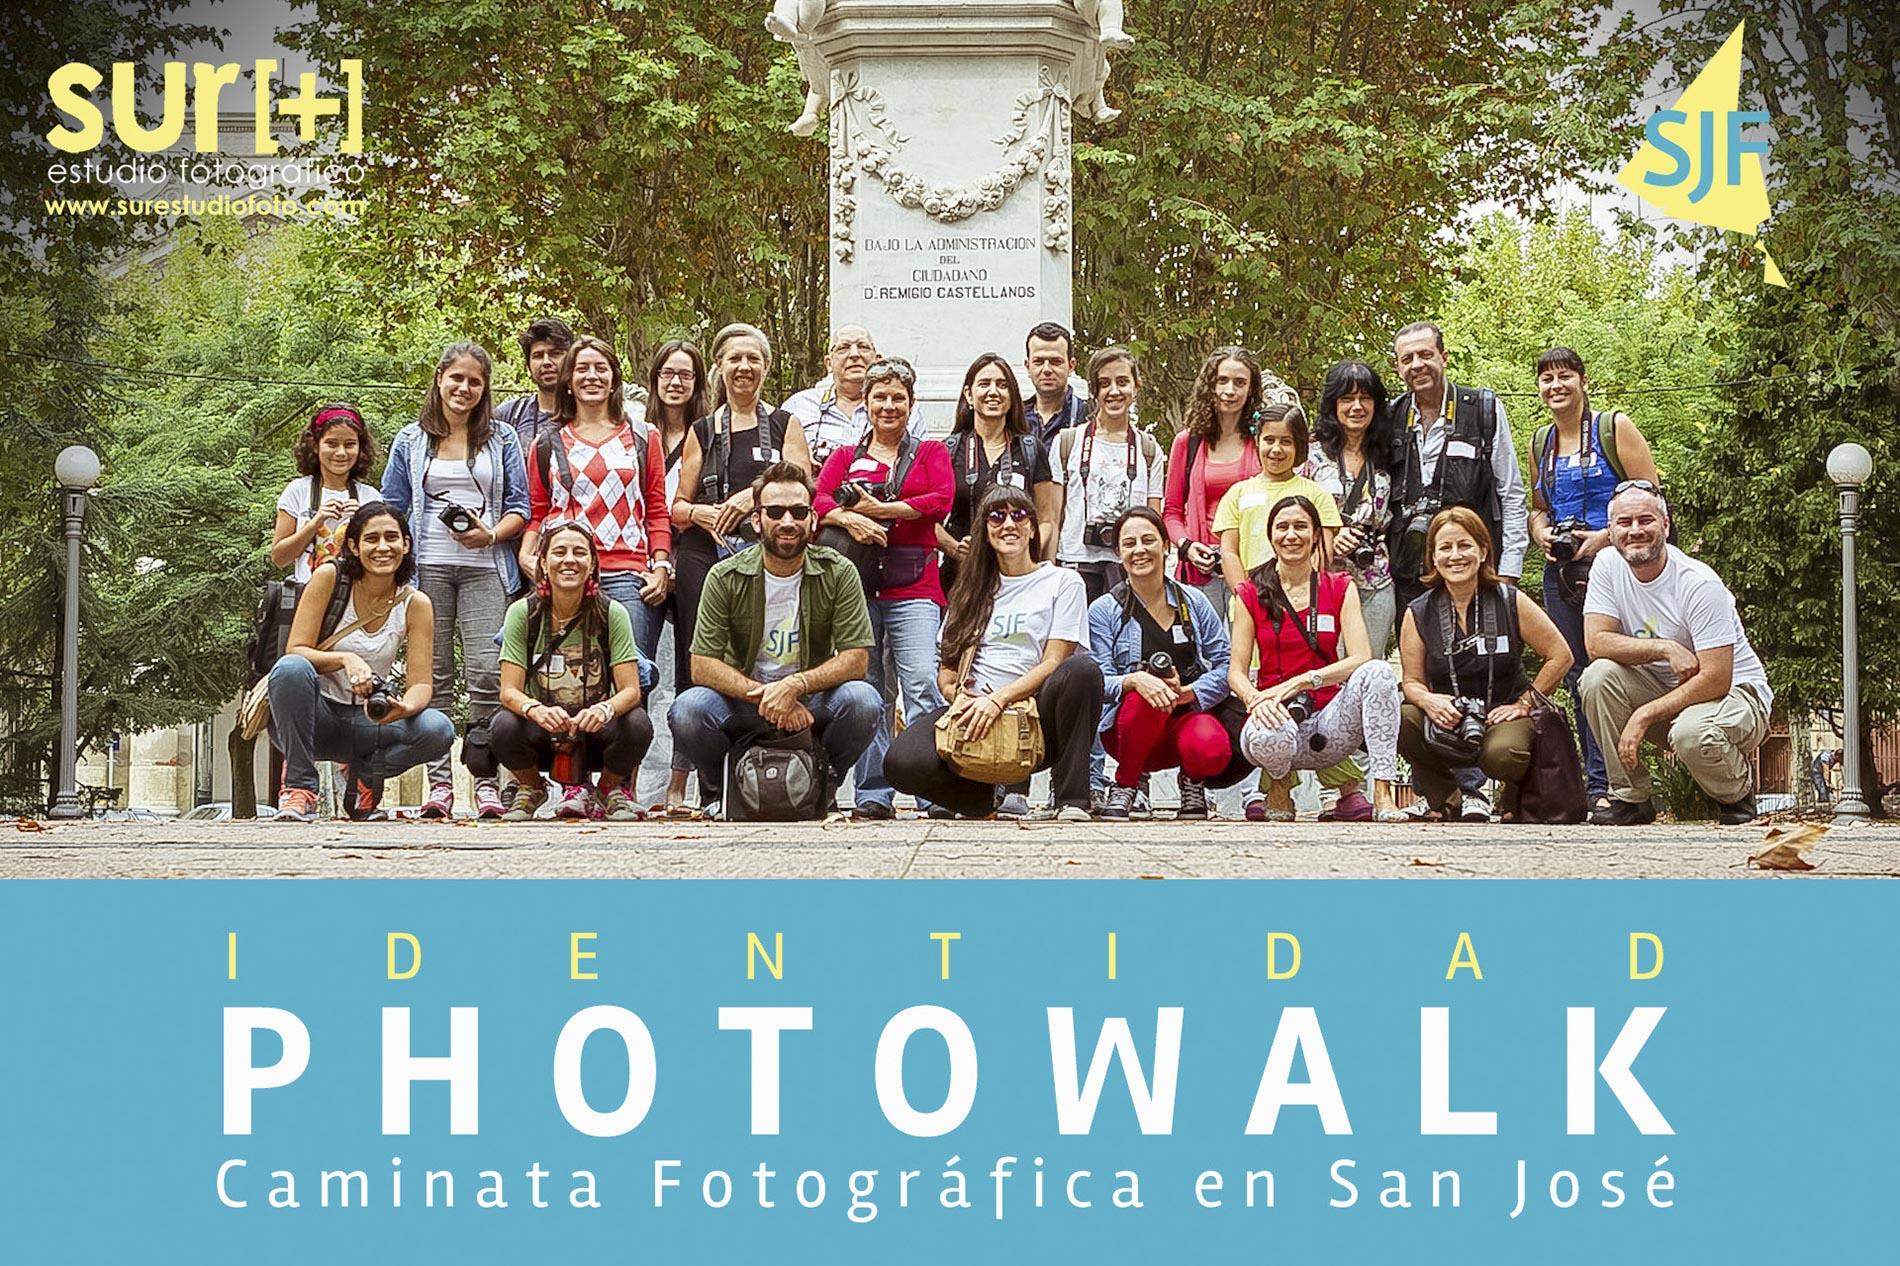 PHOTOWALK  Identidad - Caminata fotográfica en San José